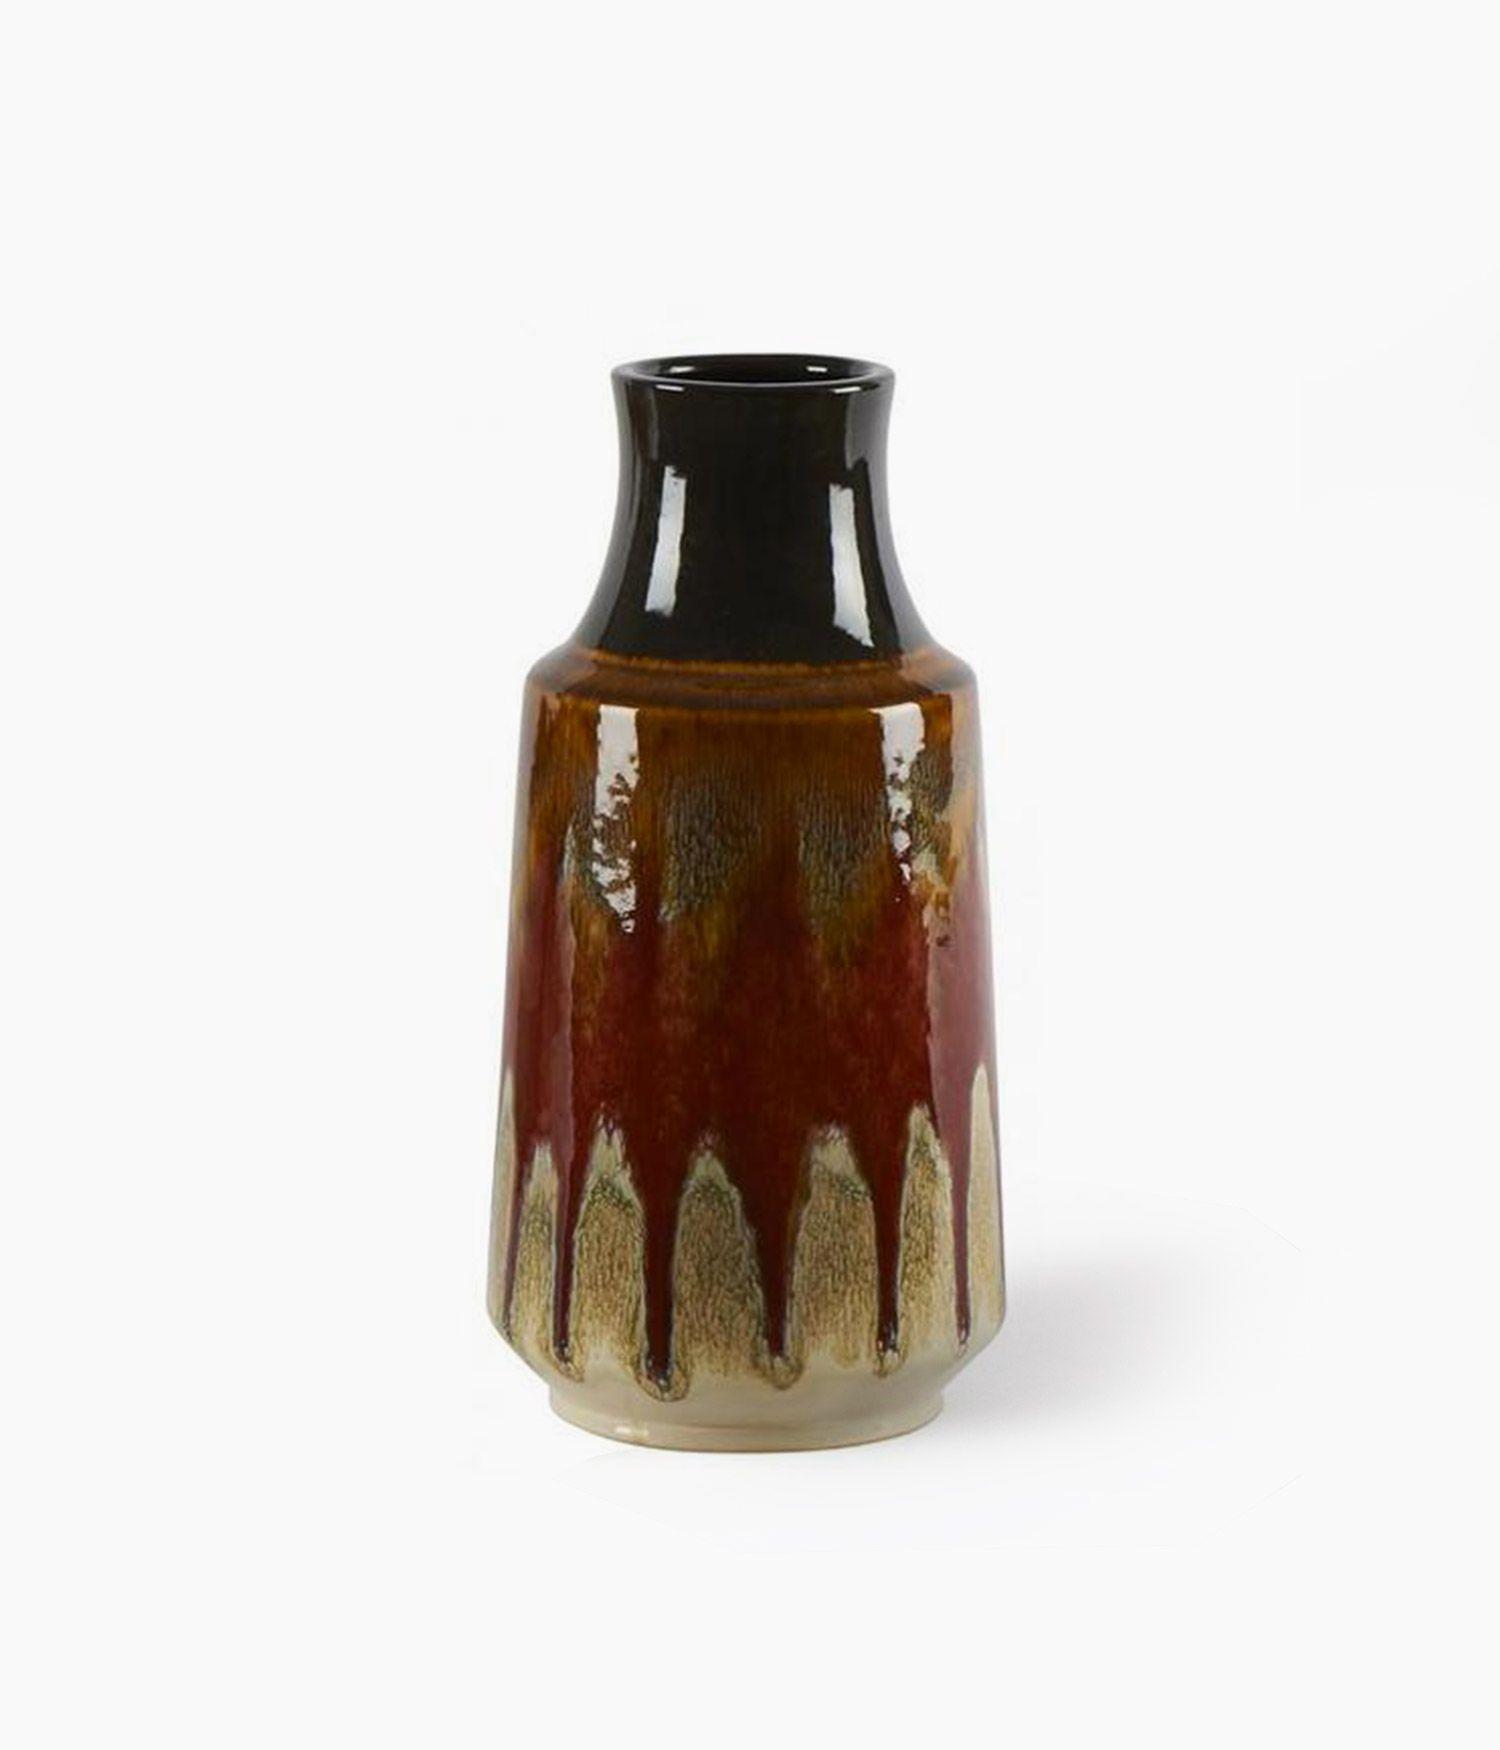 vase lava orange 15*15*h31.5cm